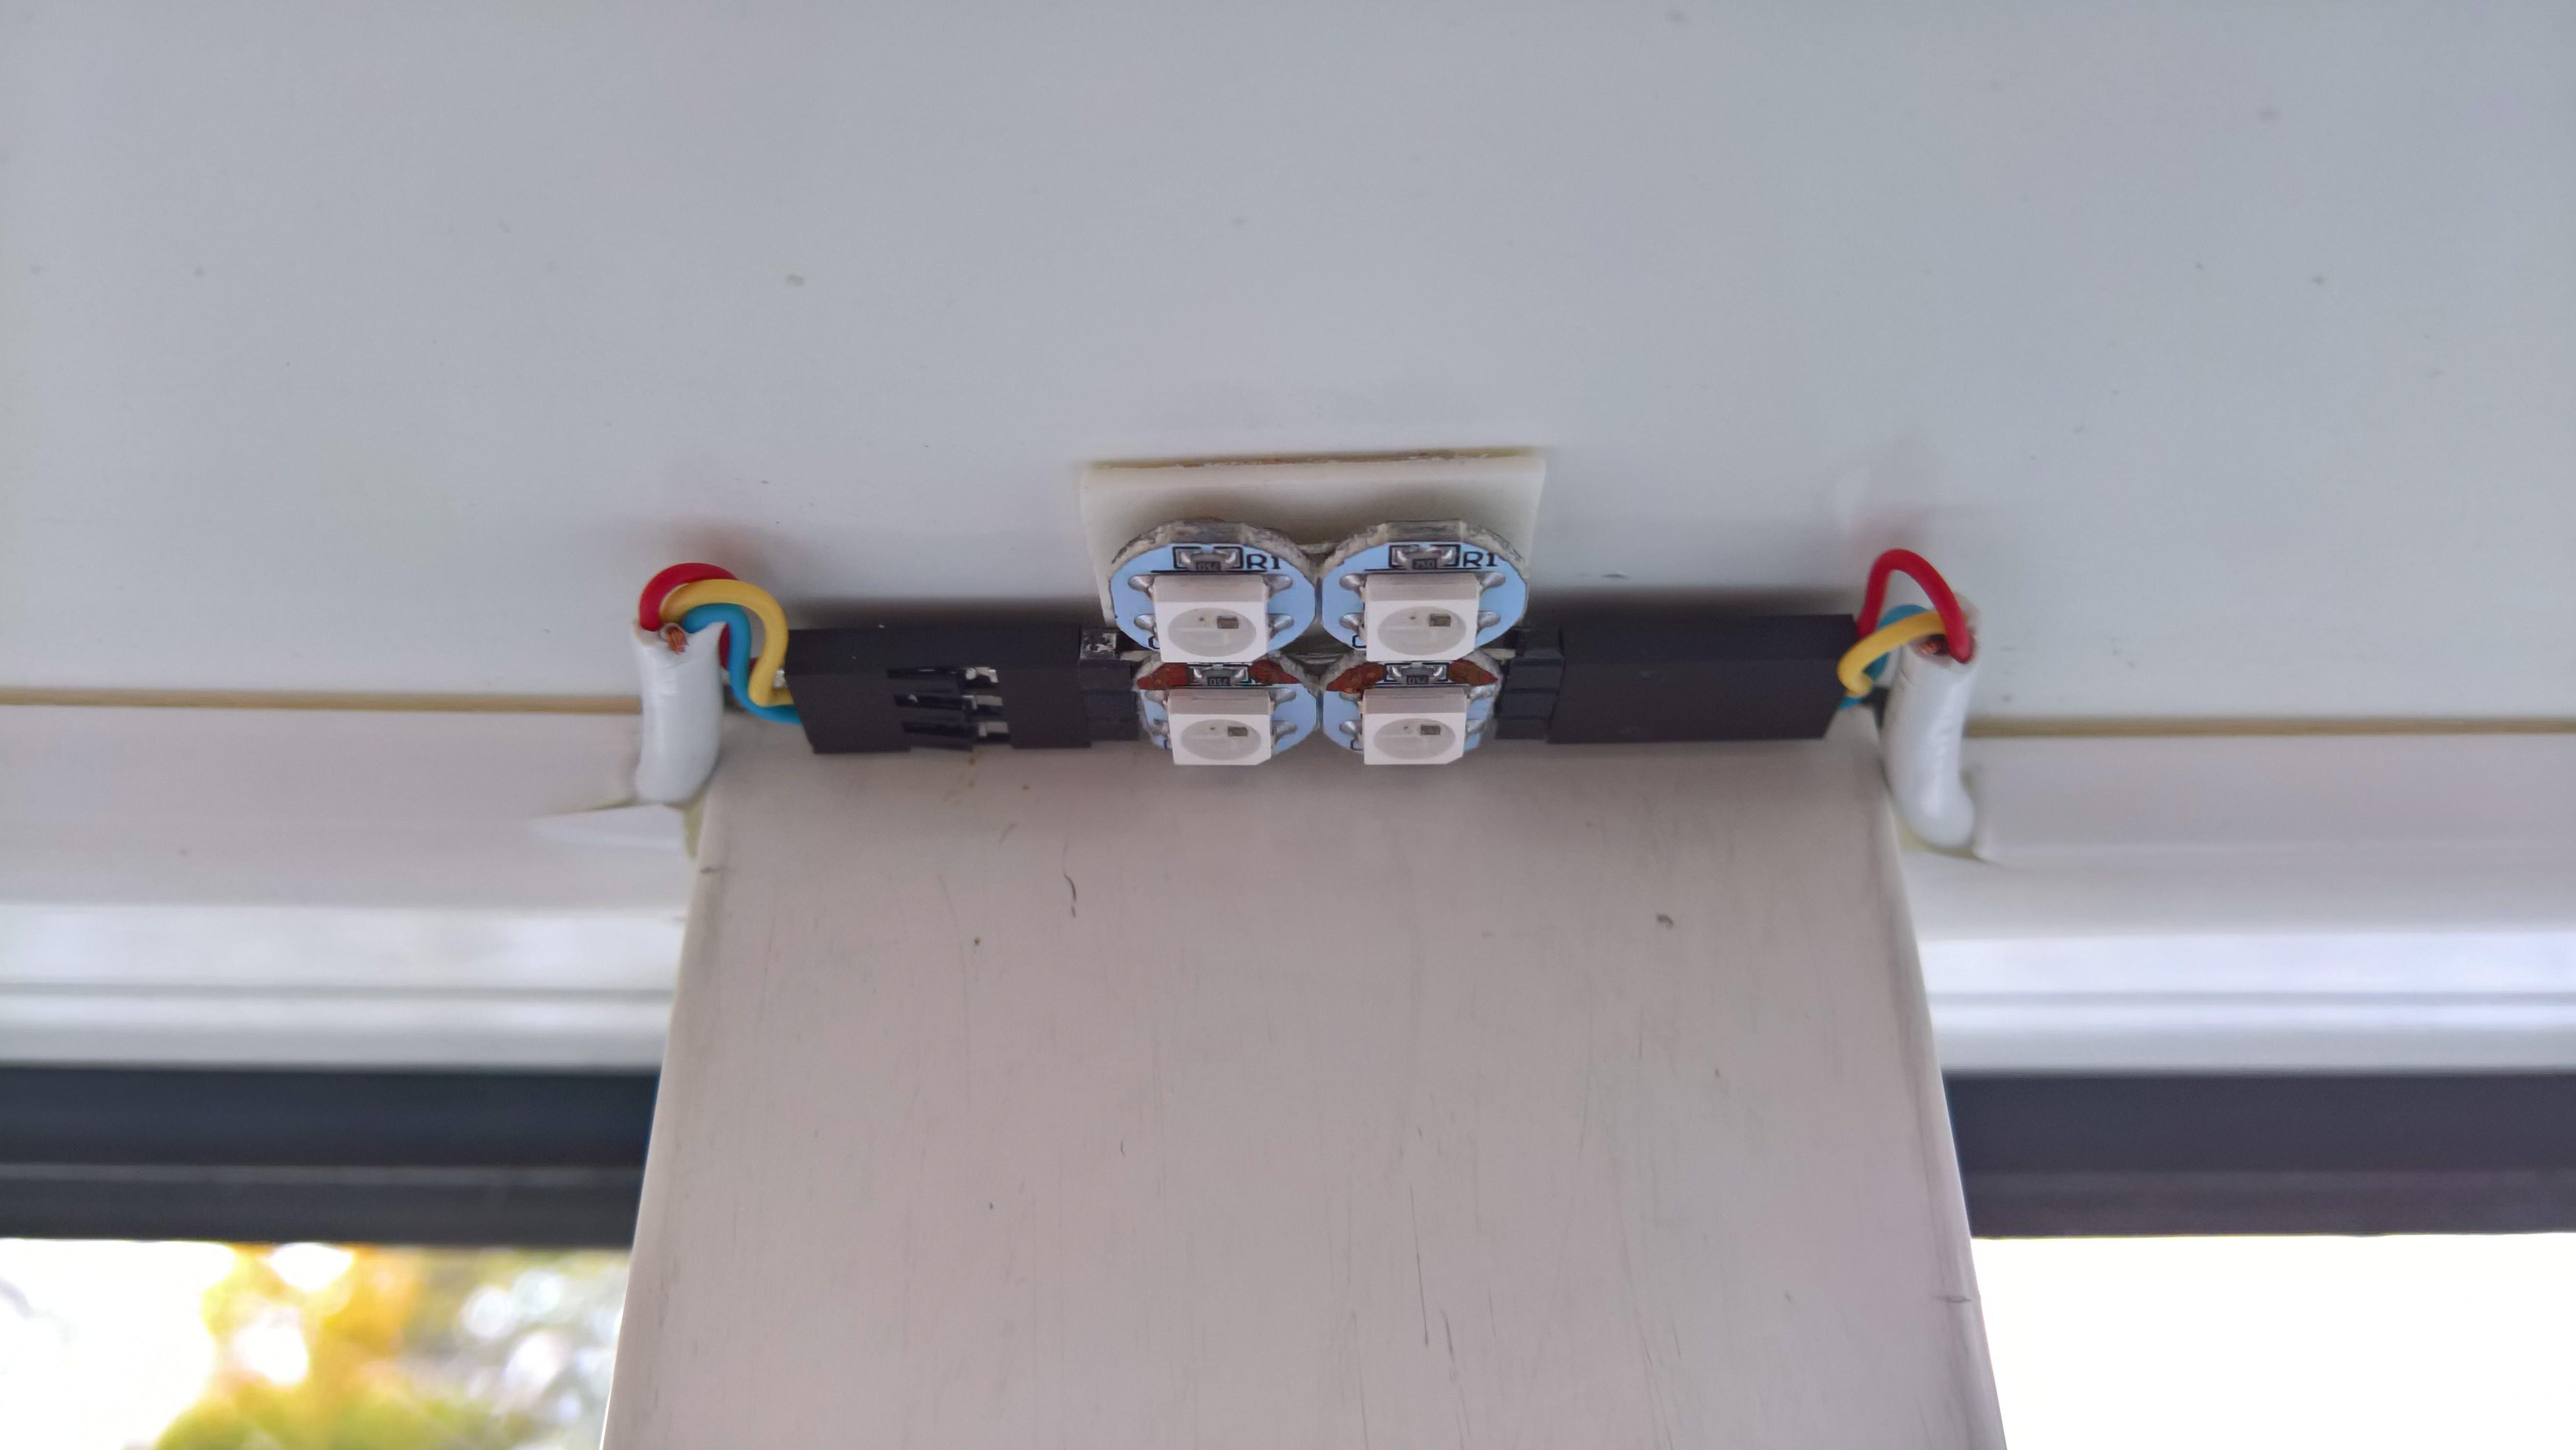 A mounted LED module